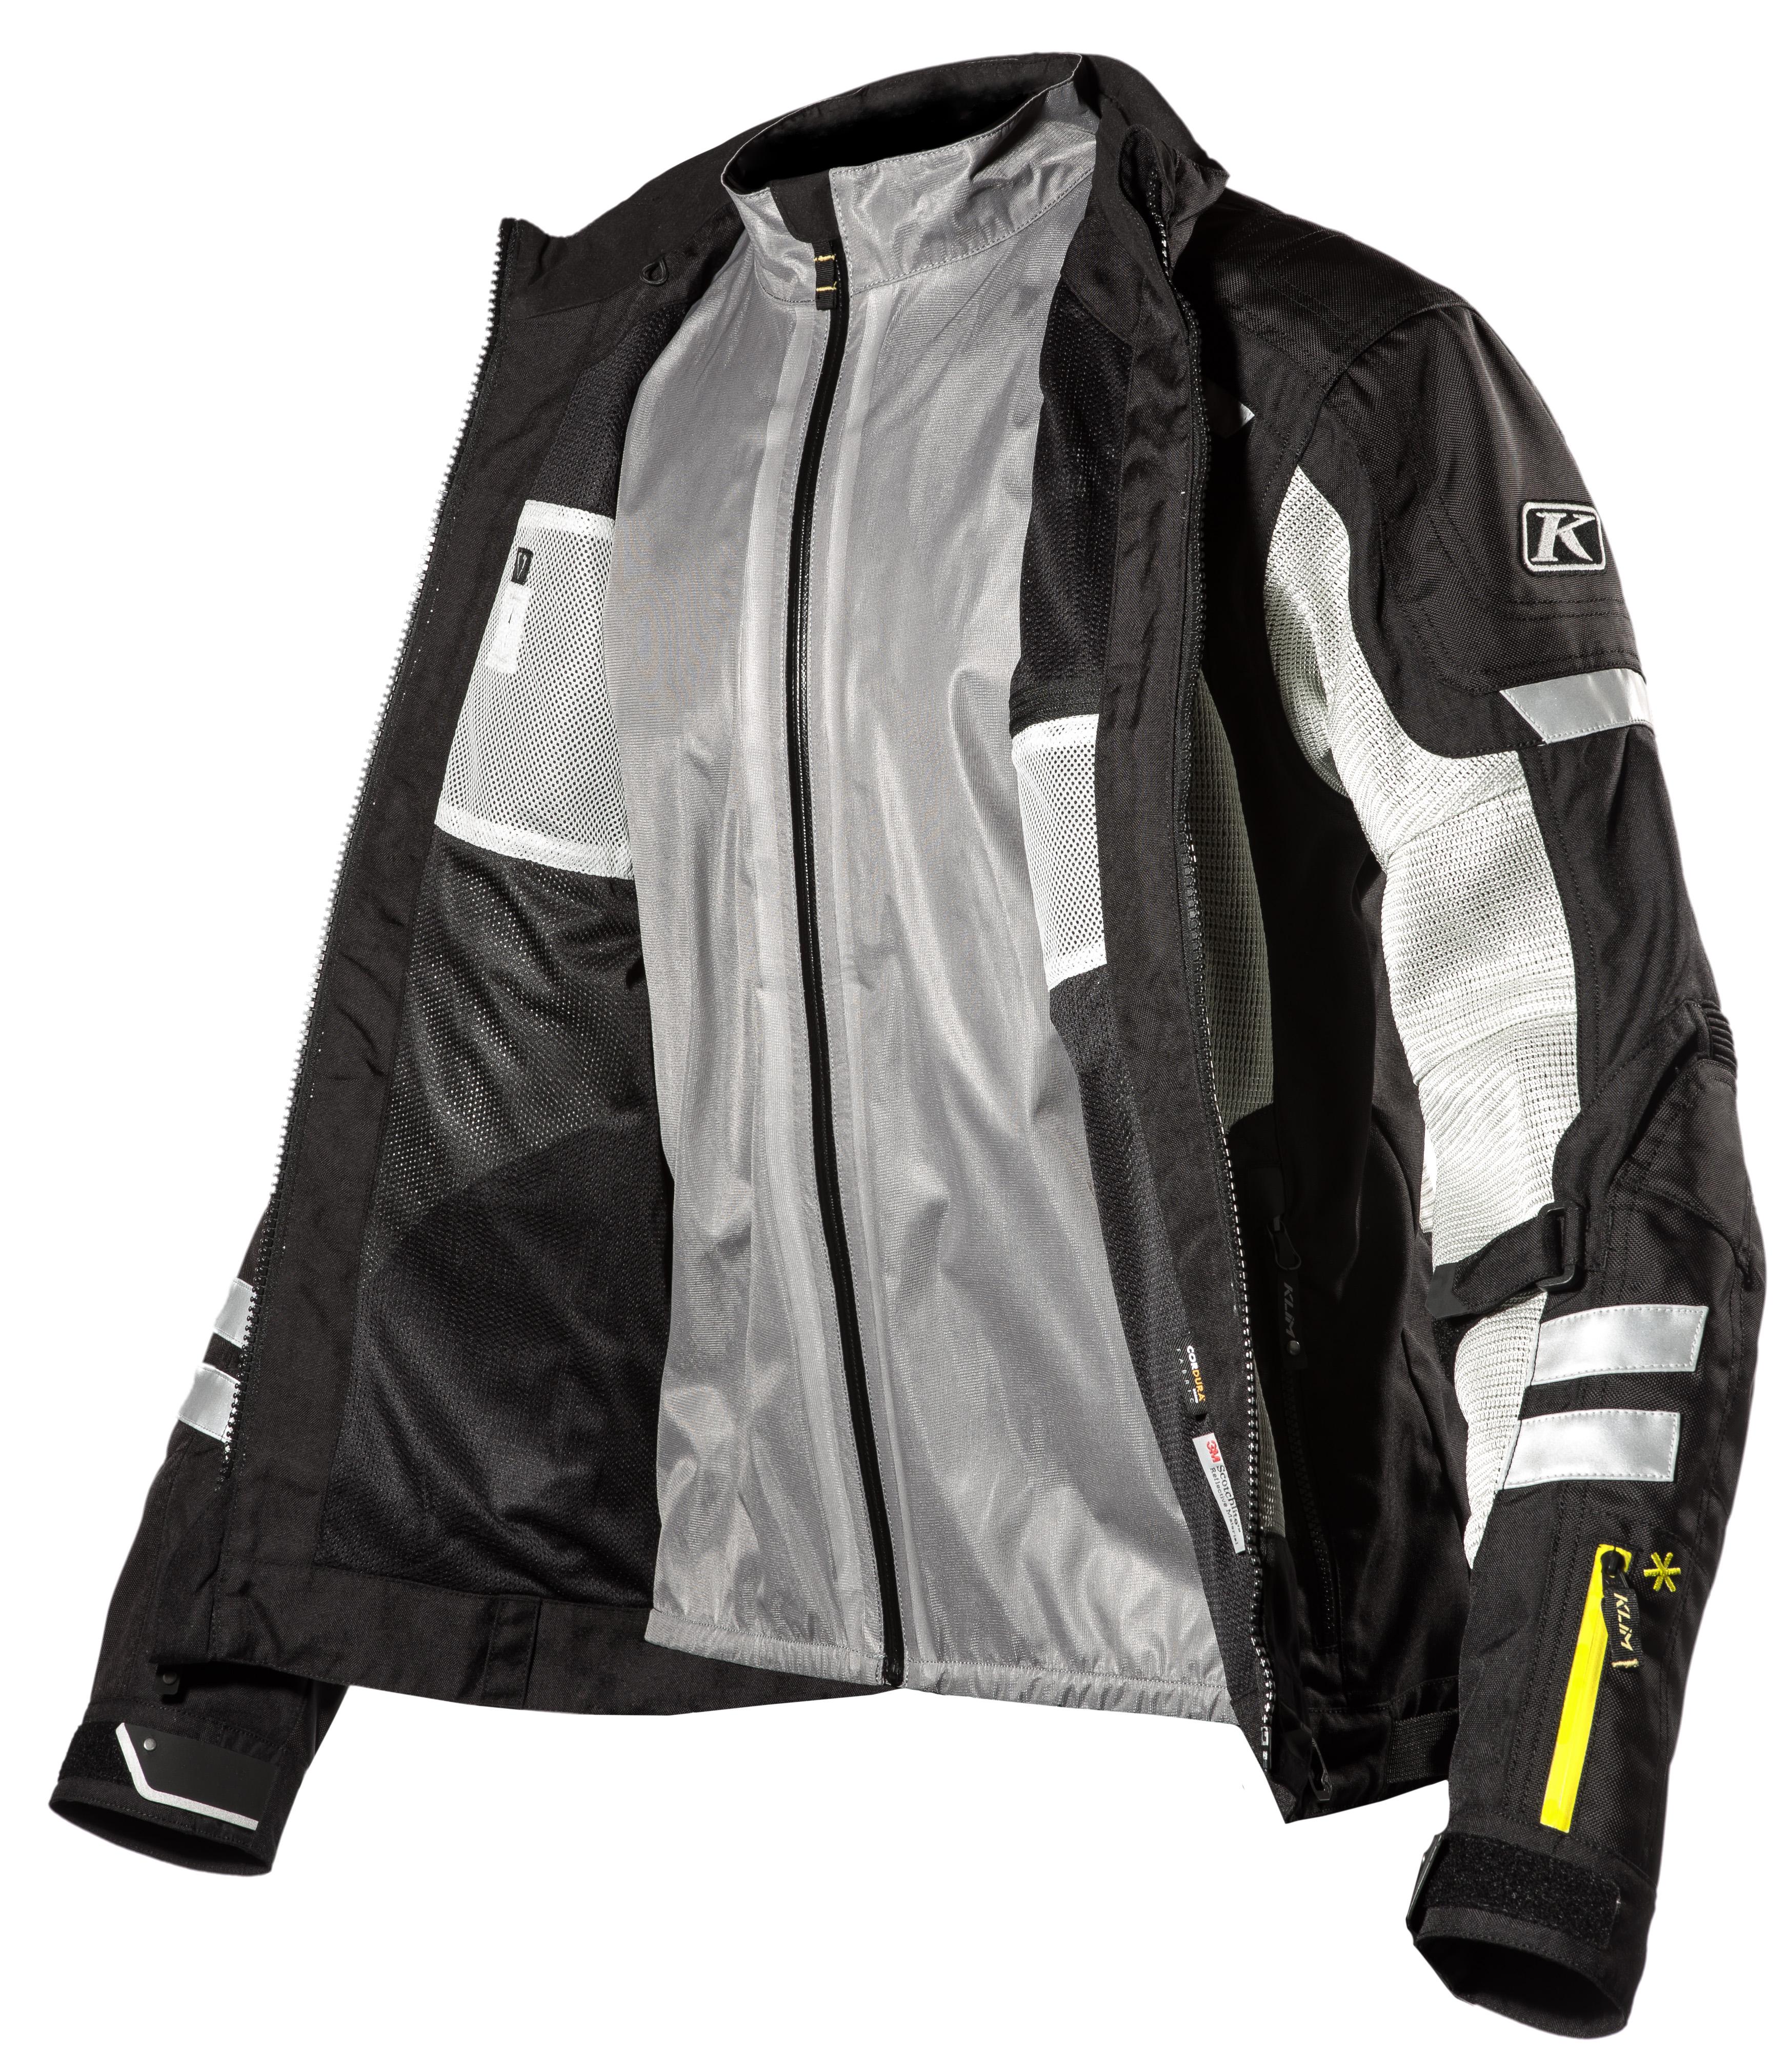 Induction Jacket 5060-000 LINER IN JACKET